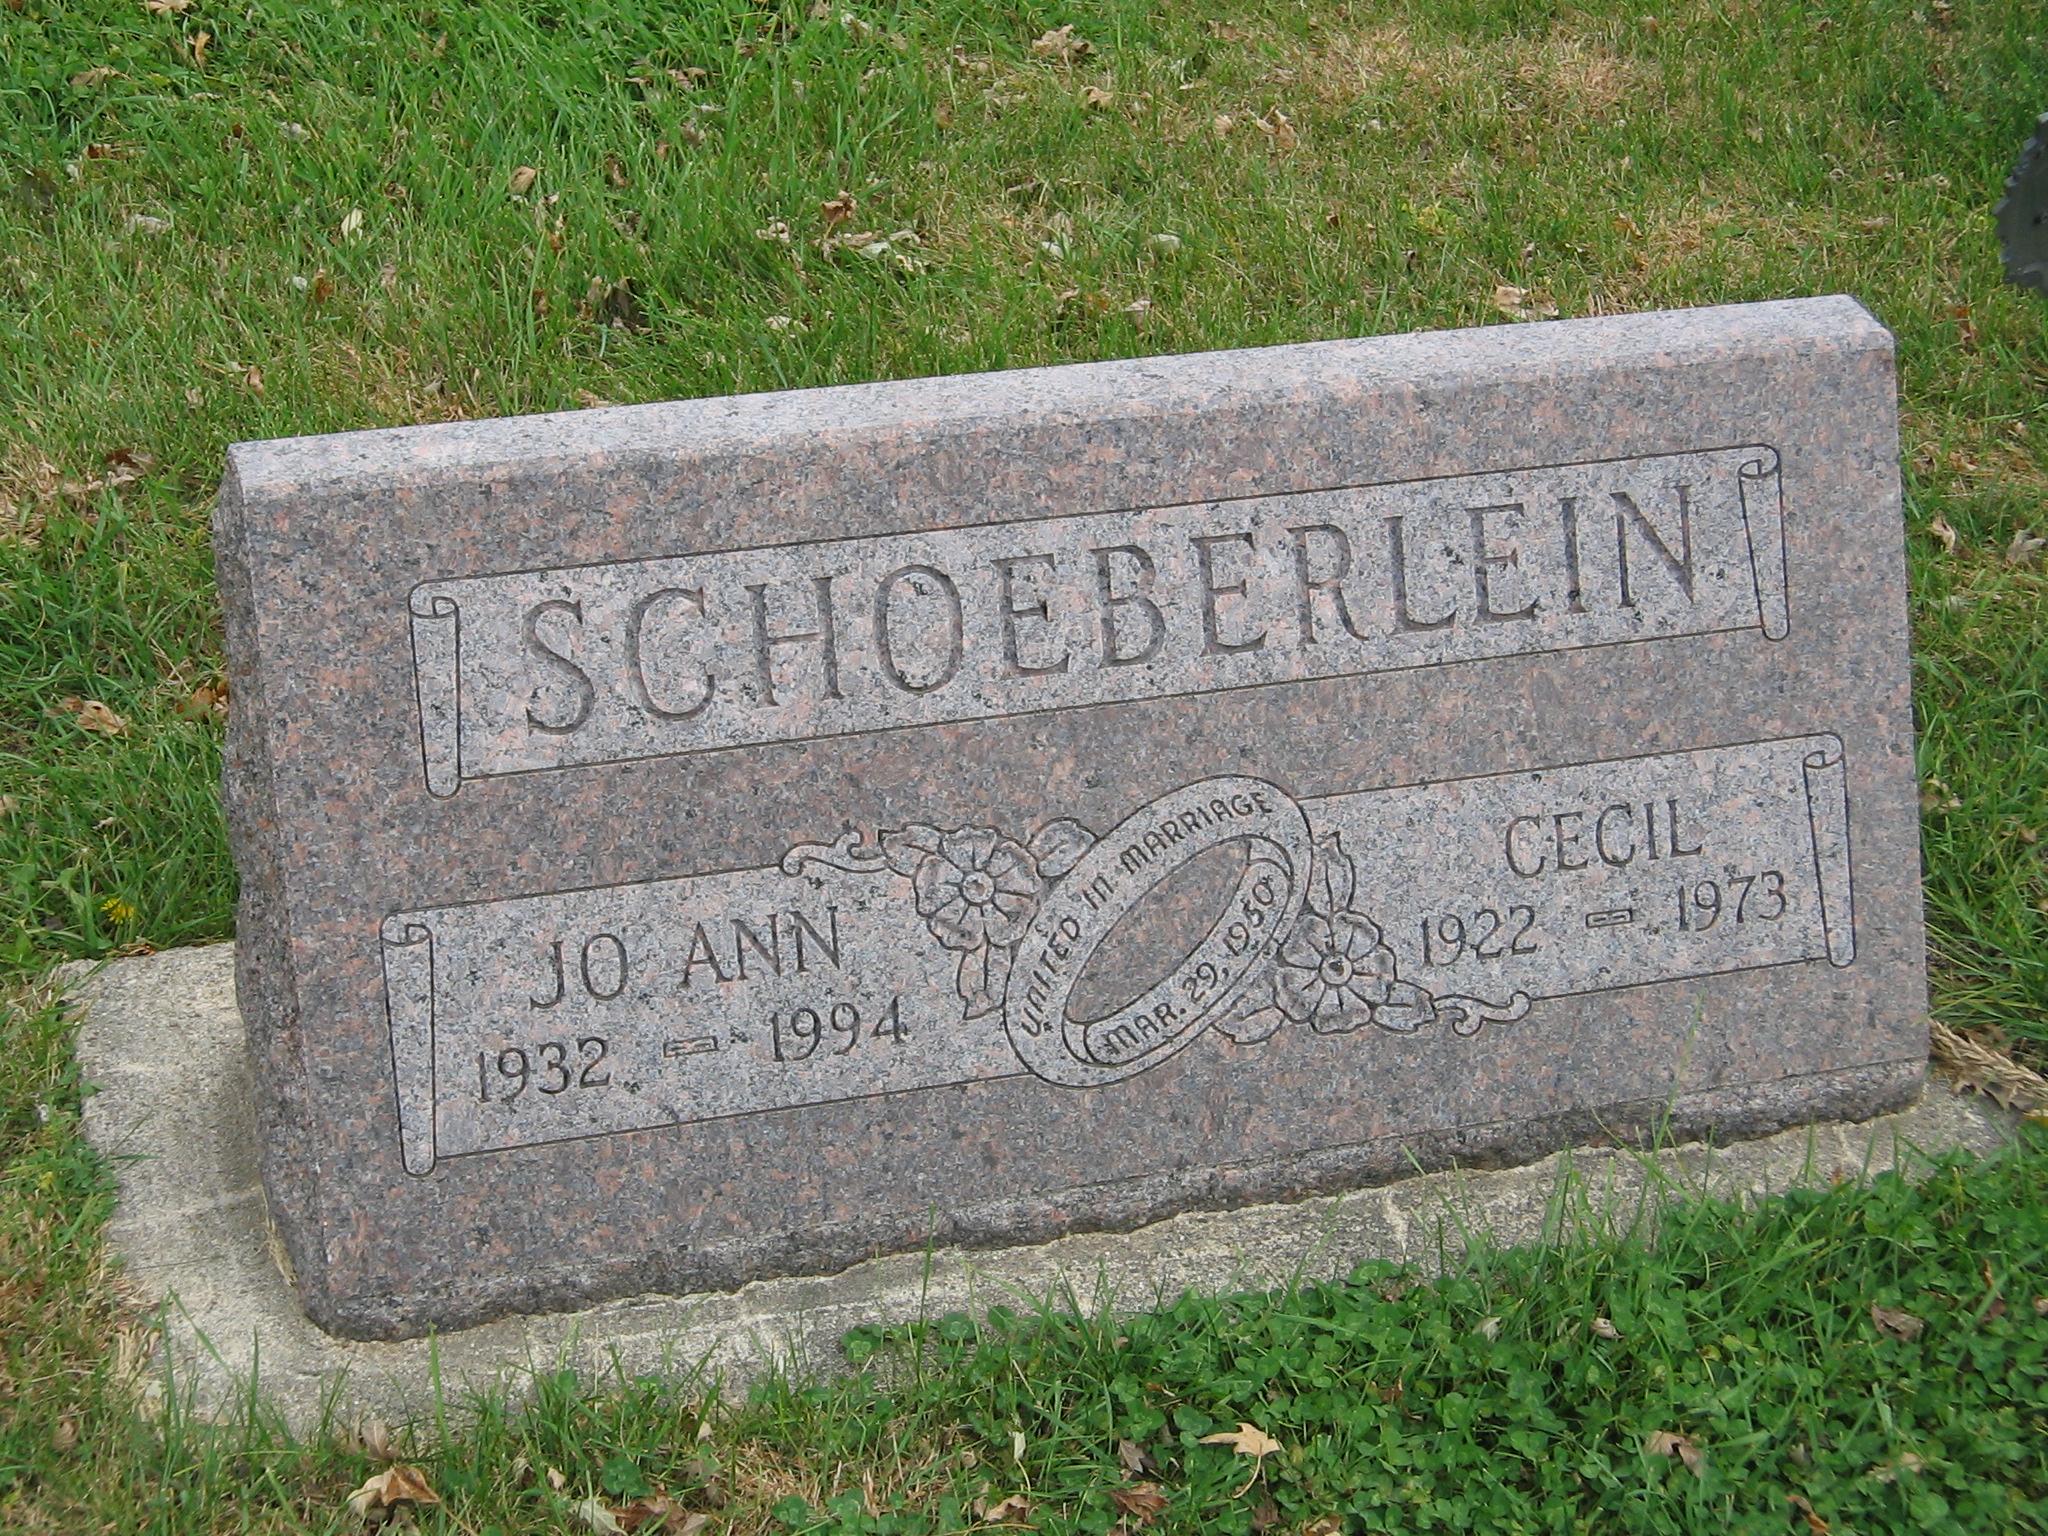 Cecil Nier Schoeberlein